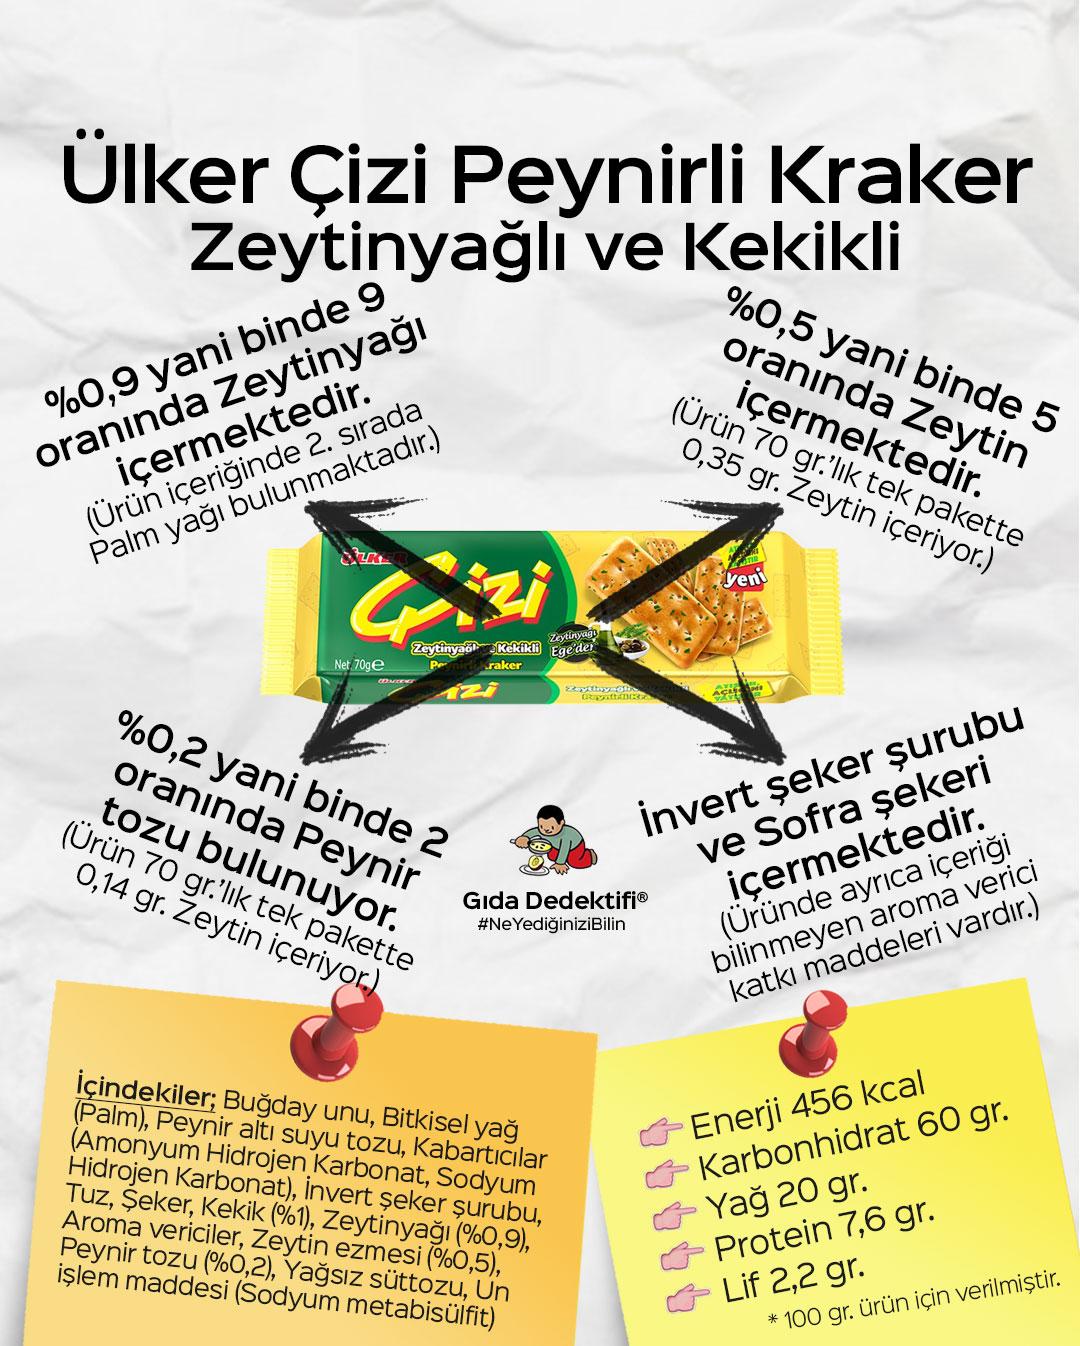 Ülker Çizi Zeytinyağlı ve Kekikli Peynirli Kraker - Gıda Dedektifi